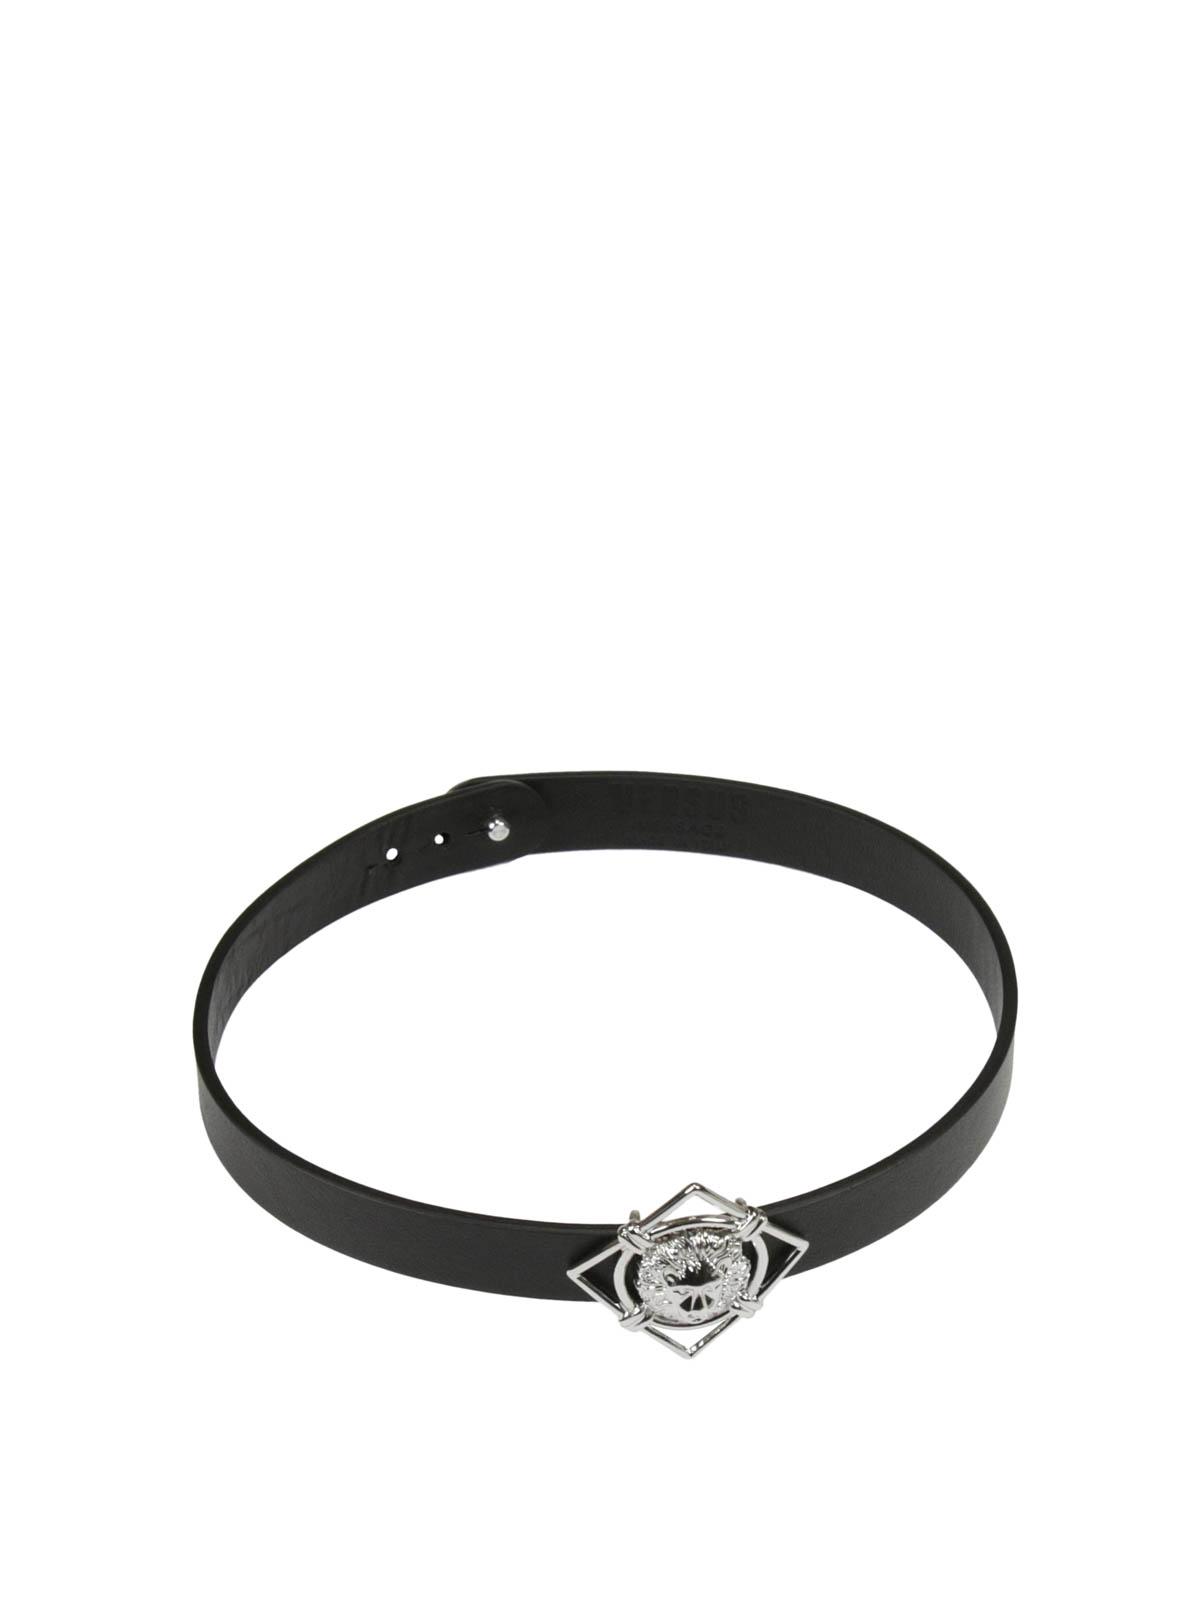 b003d5dfb5ce Versus Versace - Leather bracelet with metal Lion - Bracelets ...